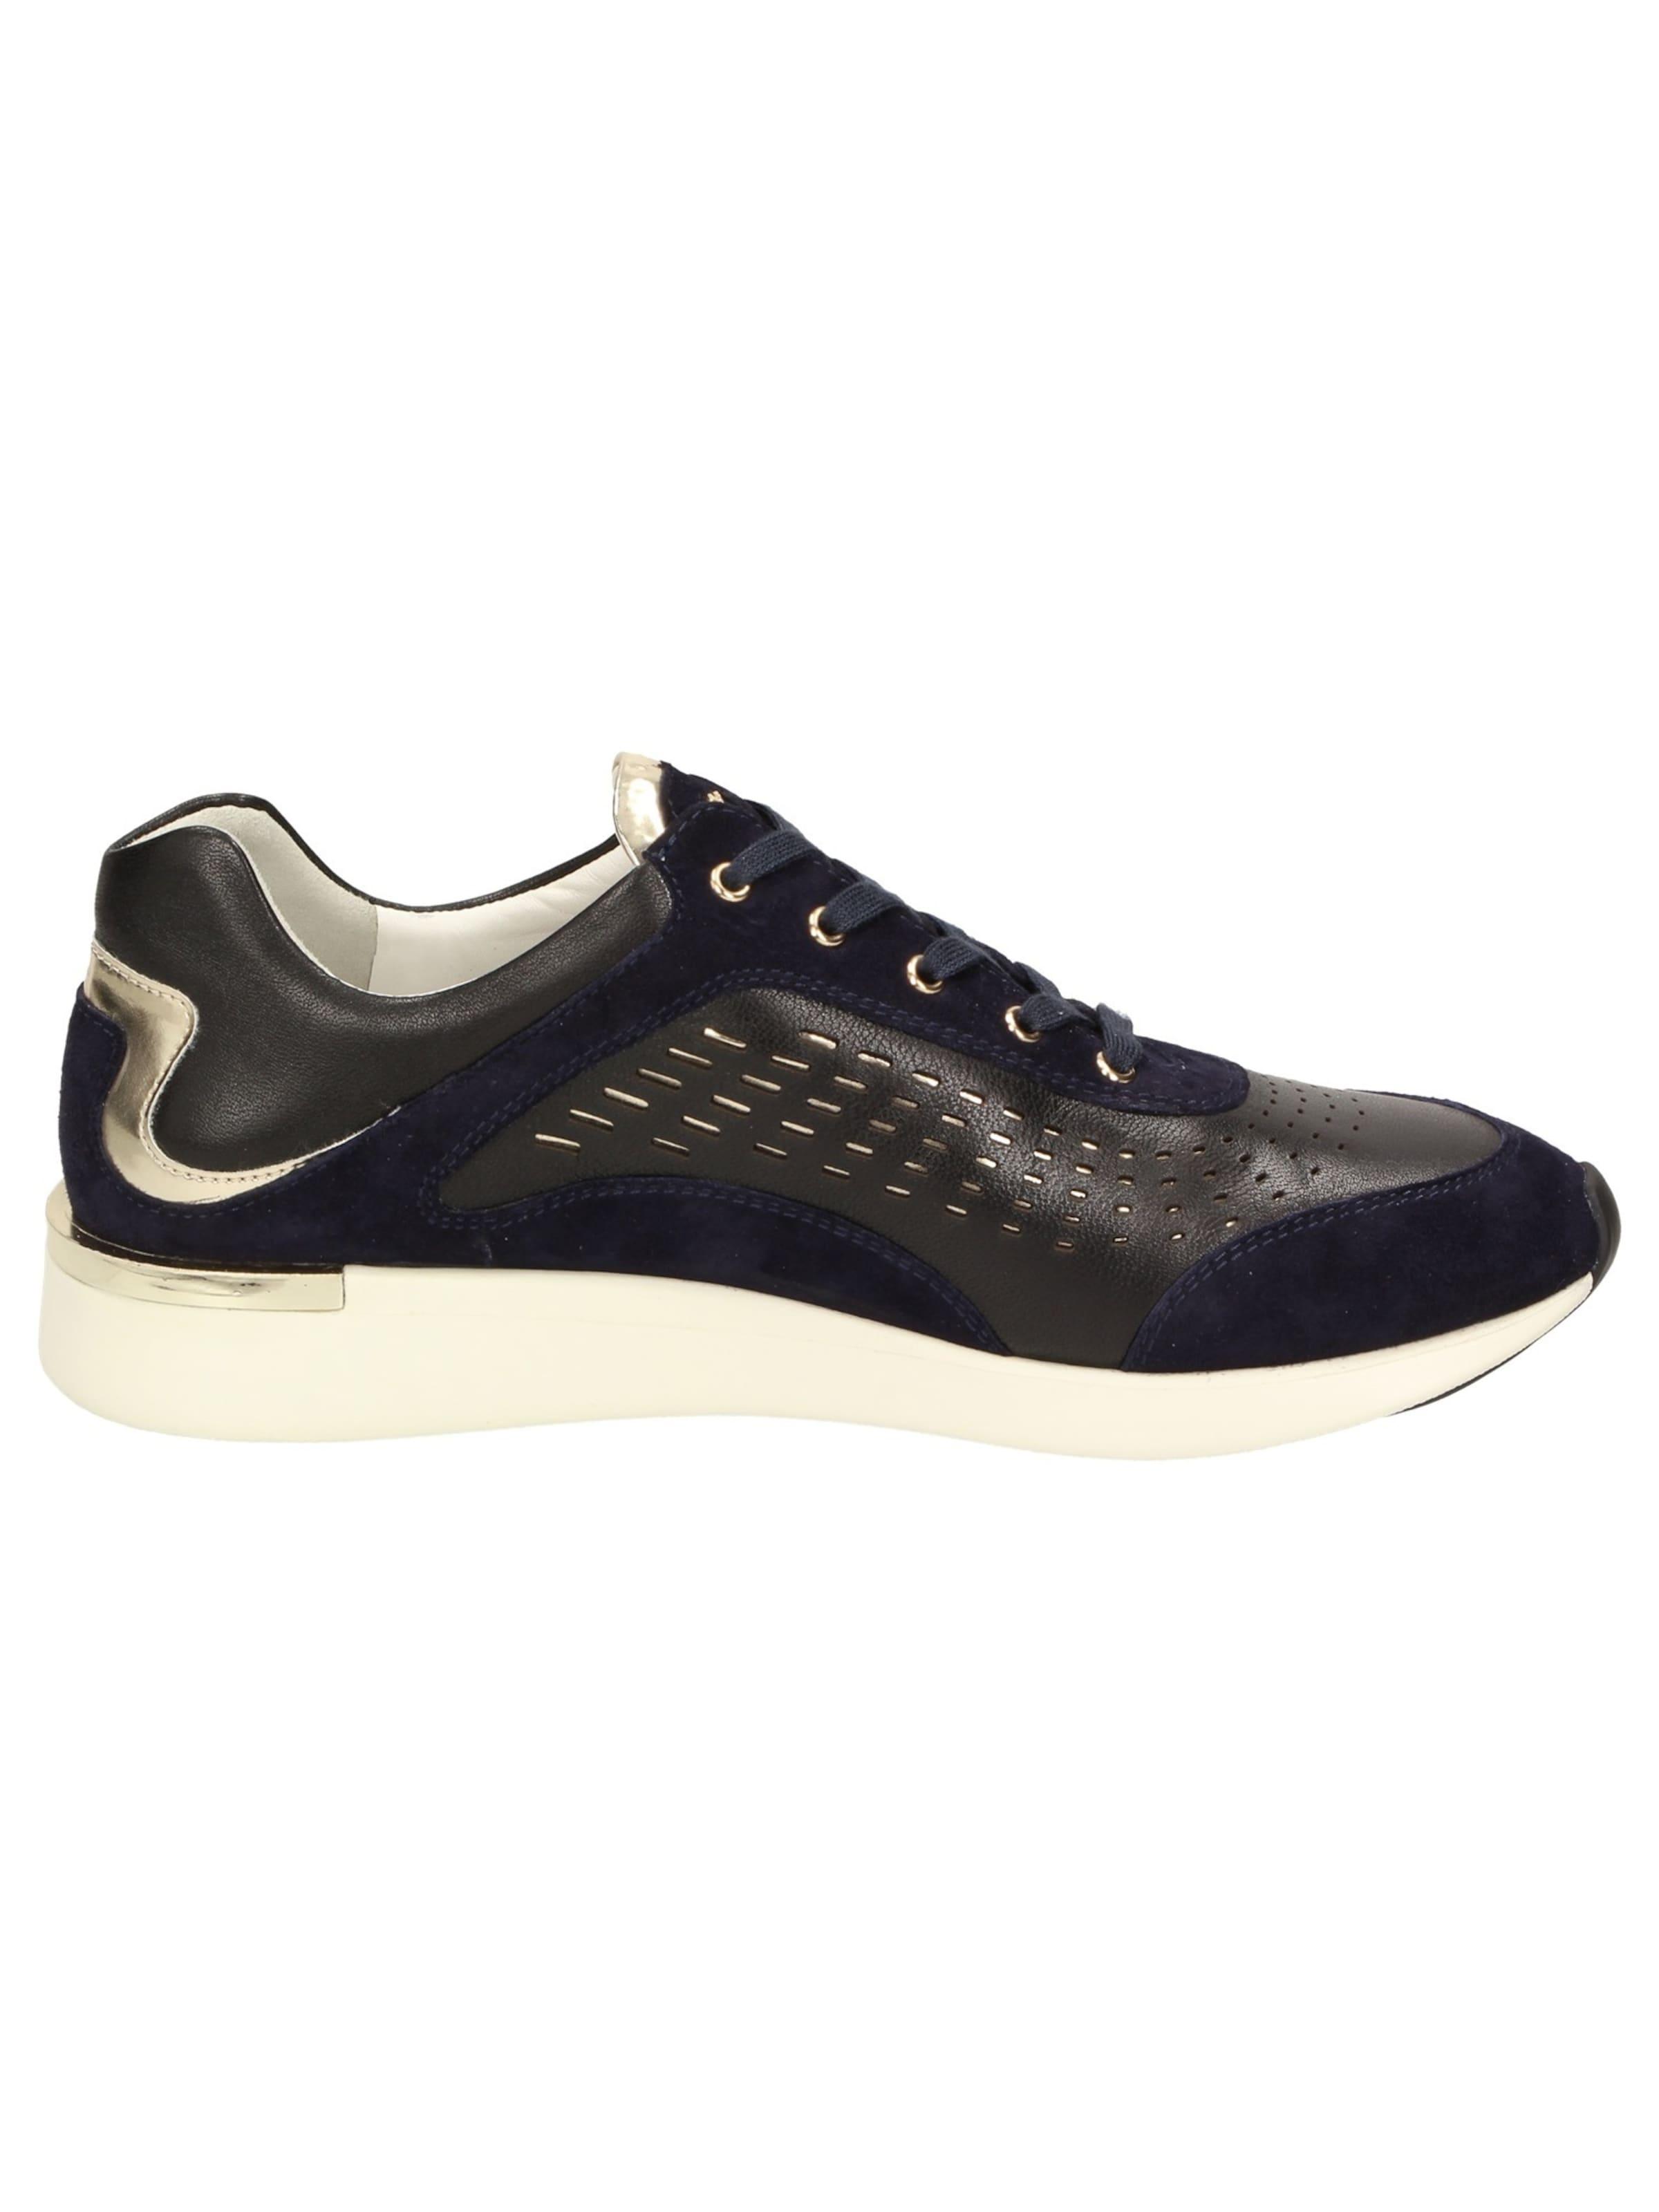 Sneaker Sioux 'malosika 700' DunkelblauSchwarz In N8PXkn0wO